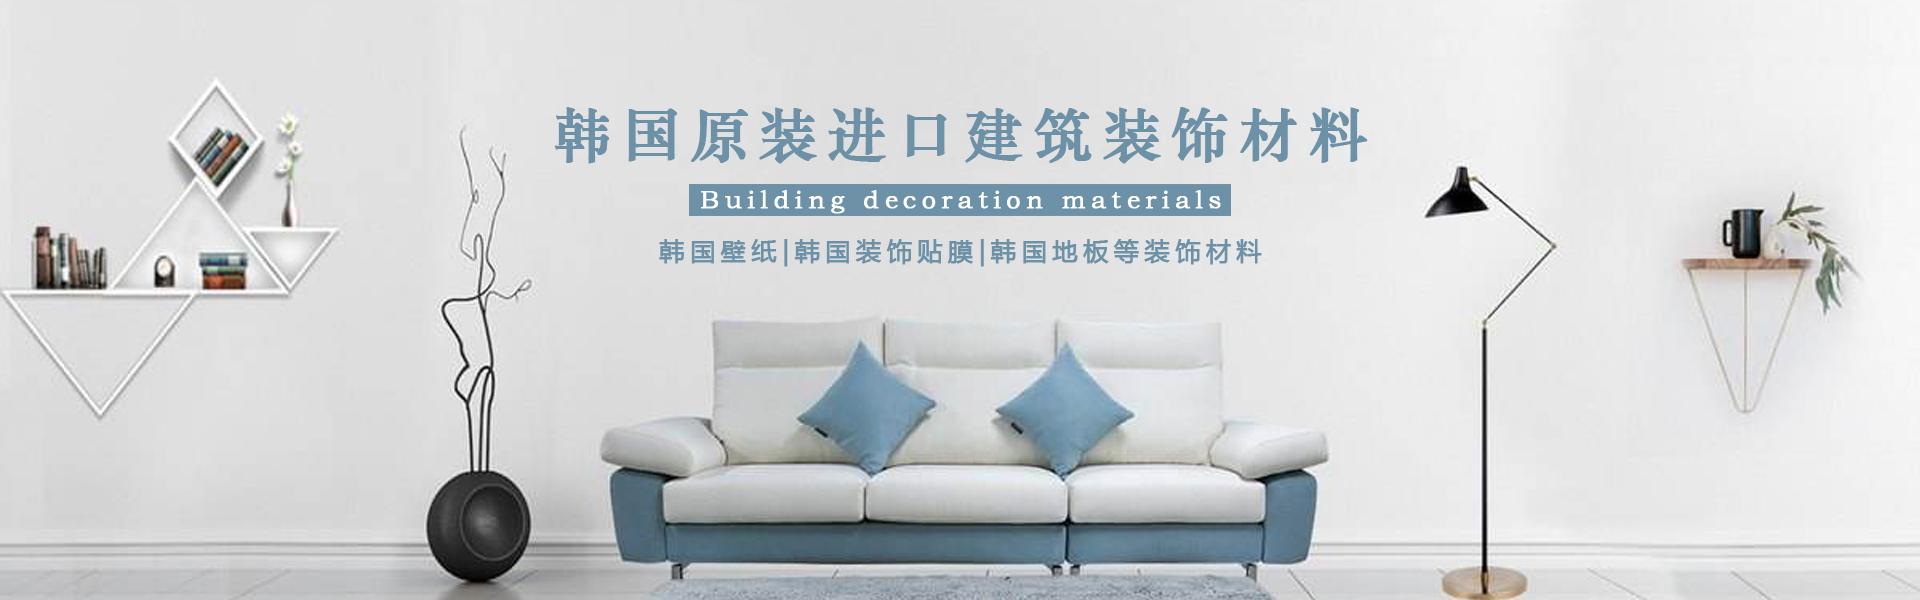 韩国进口装饰材料|韩国壁纸|韩国贴膜|韩国地板|韩国工厂总代批发